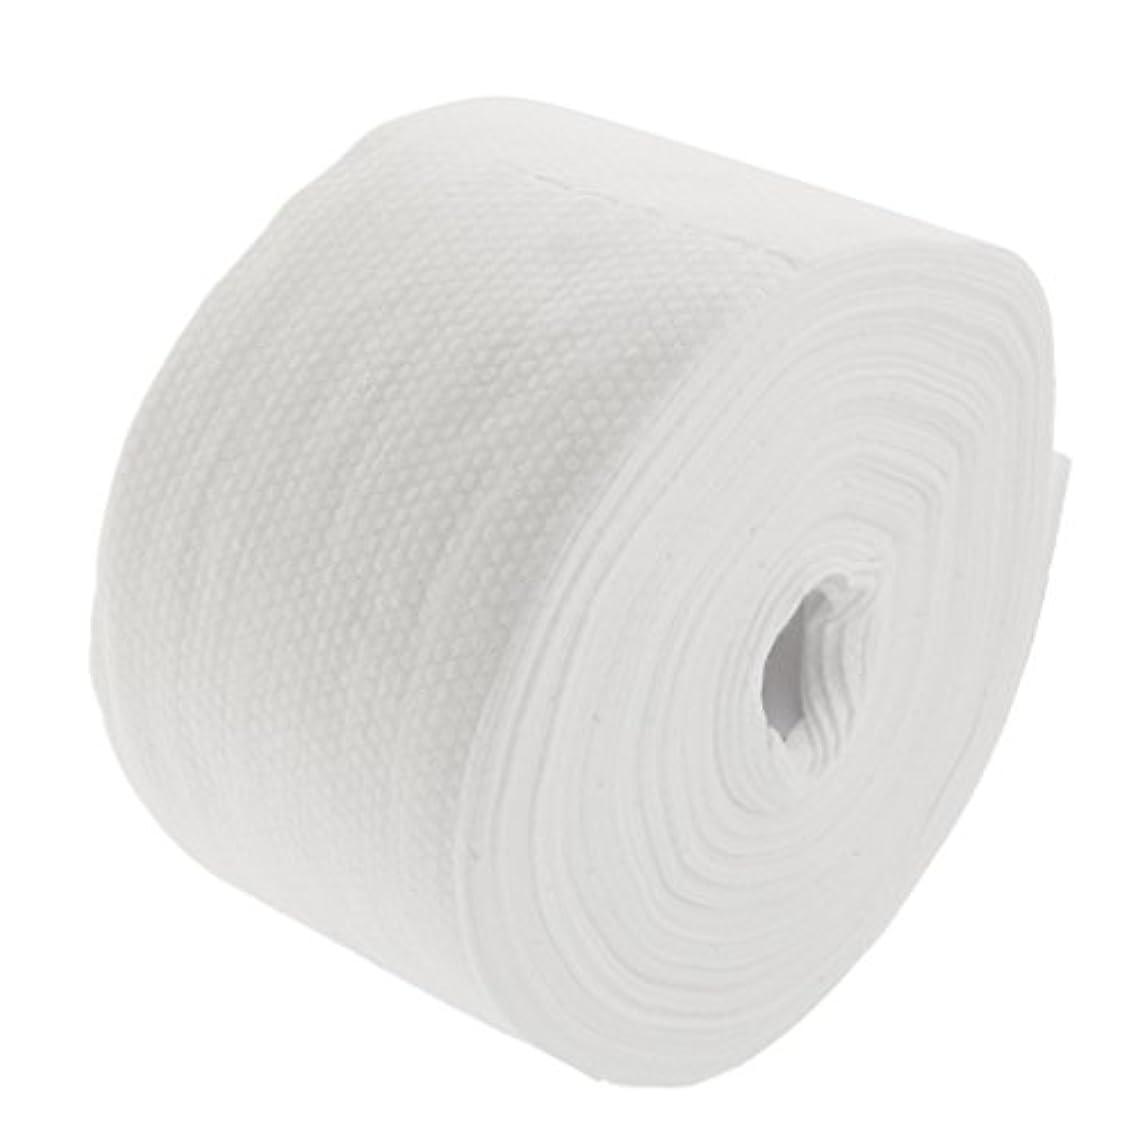 休み競争力のある近くロール式 使い捨て フェイシャルタオル 30M 使い捨てタオル 繊維 クレンジング フェイシャル メイクリムーバー 2タイプ選べる - #2